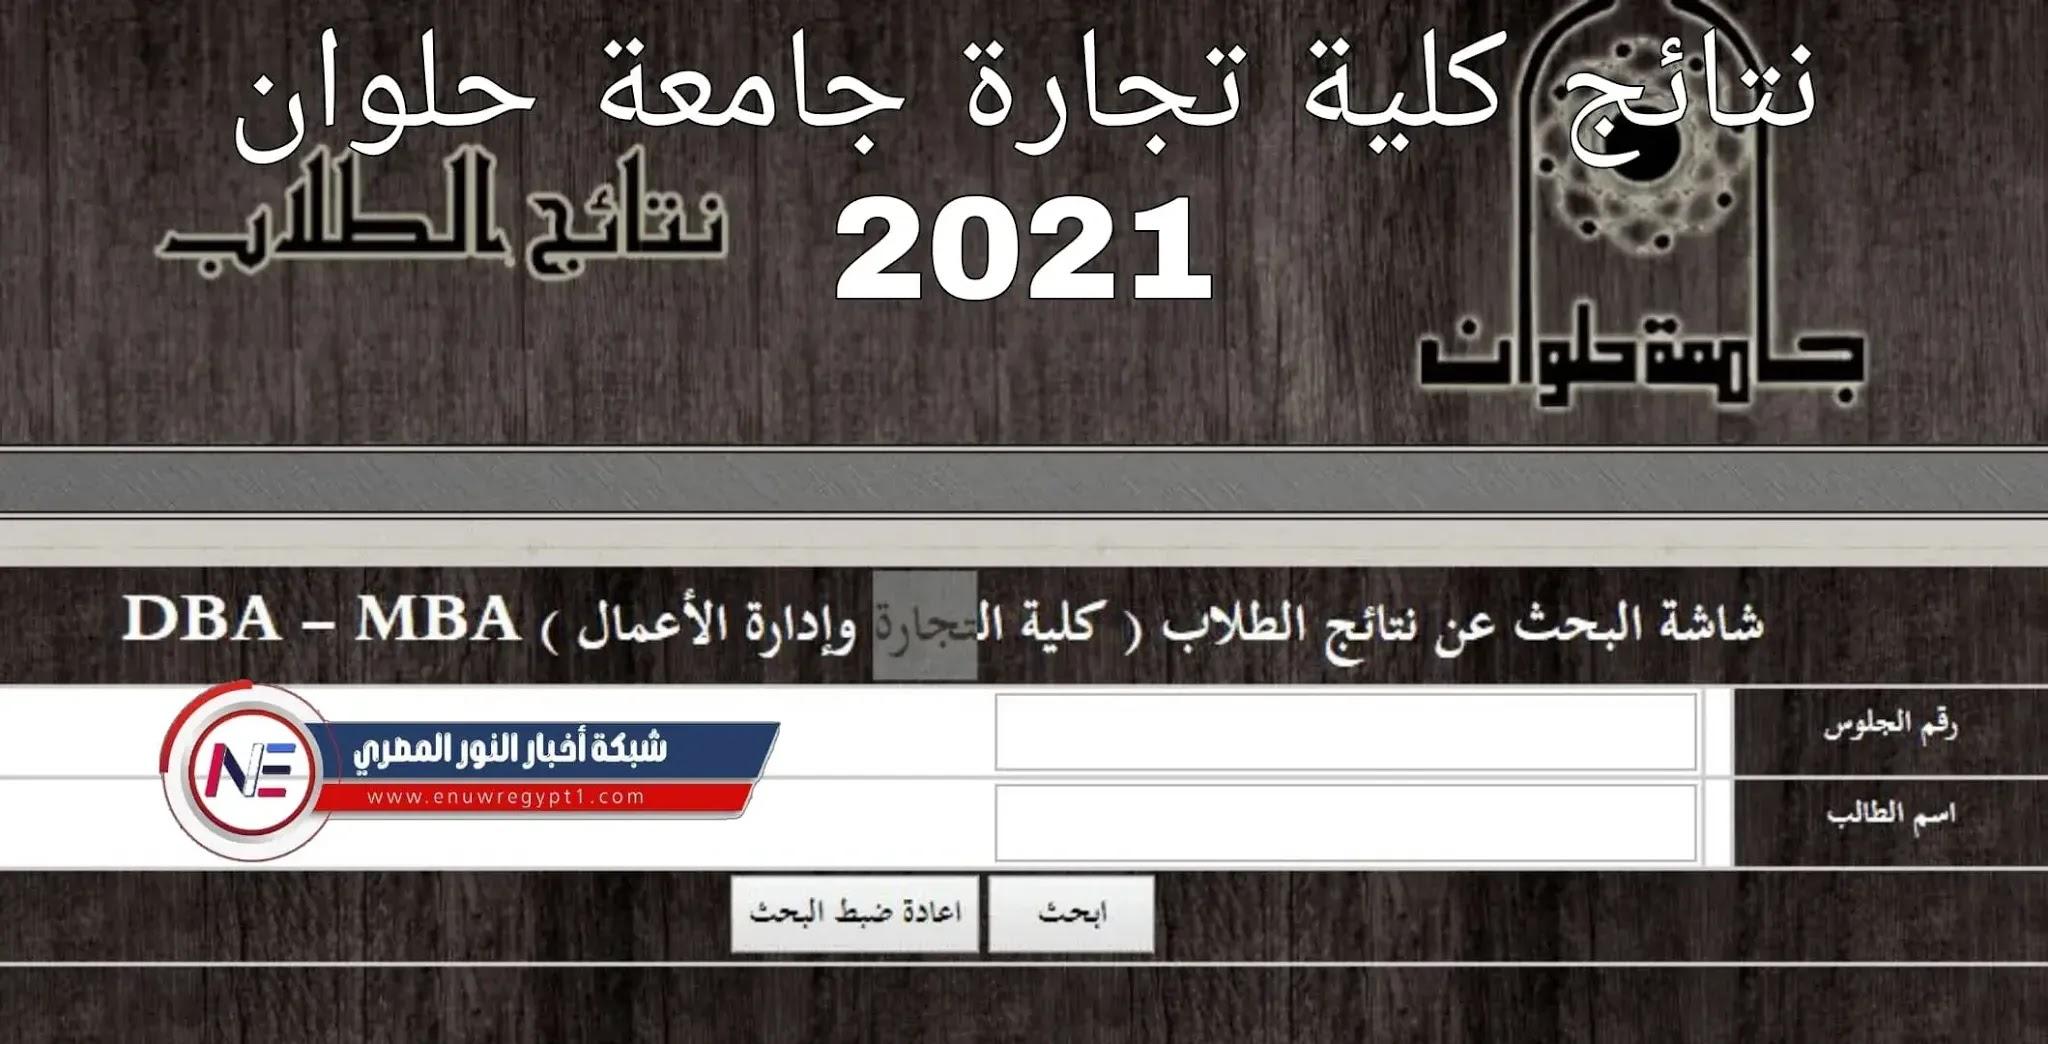 نتيجة كلية تجارة جامعة حلوان   رابط app2.helwan.edu.eg الاستعلام عن نتائج كلية تجارة جامعة حلوان 2021 الترم الثاني جميع التخصصات برقم الجلوس